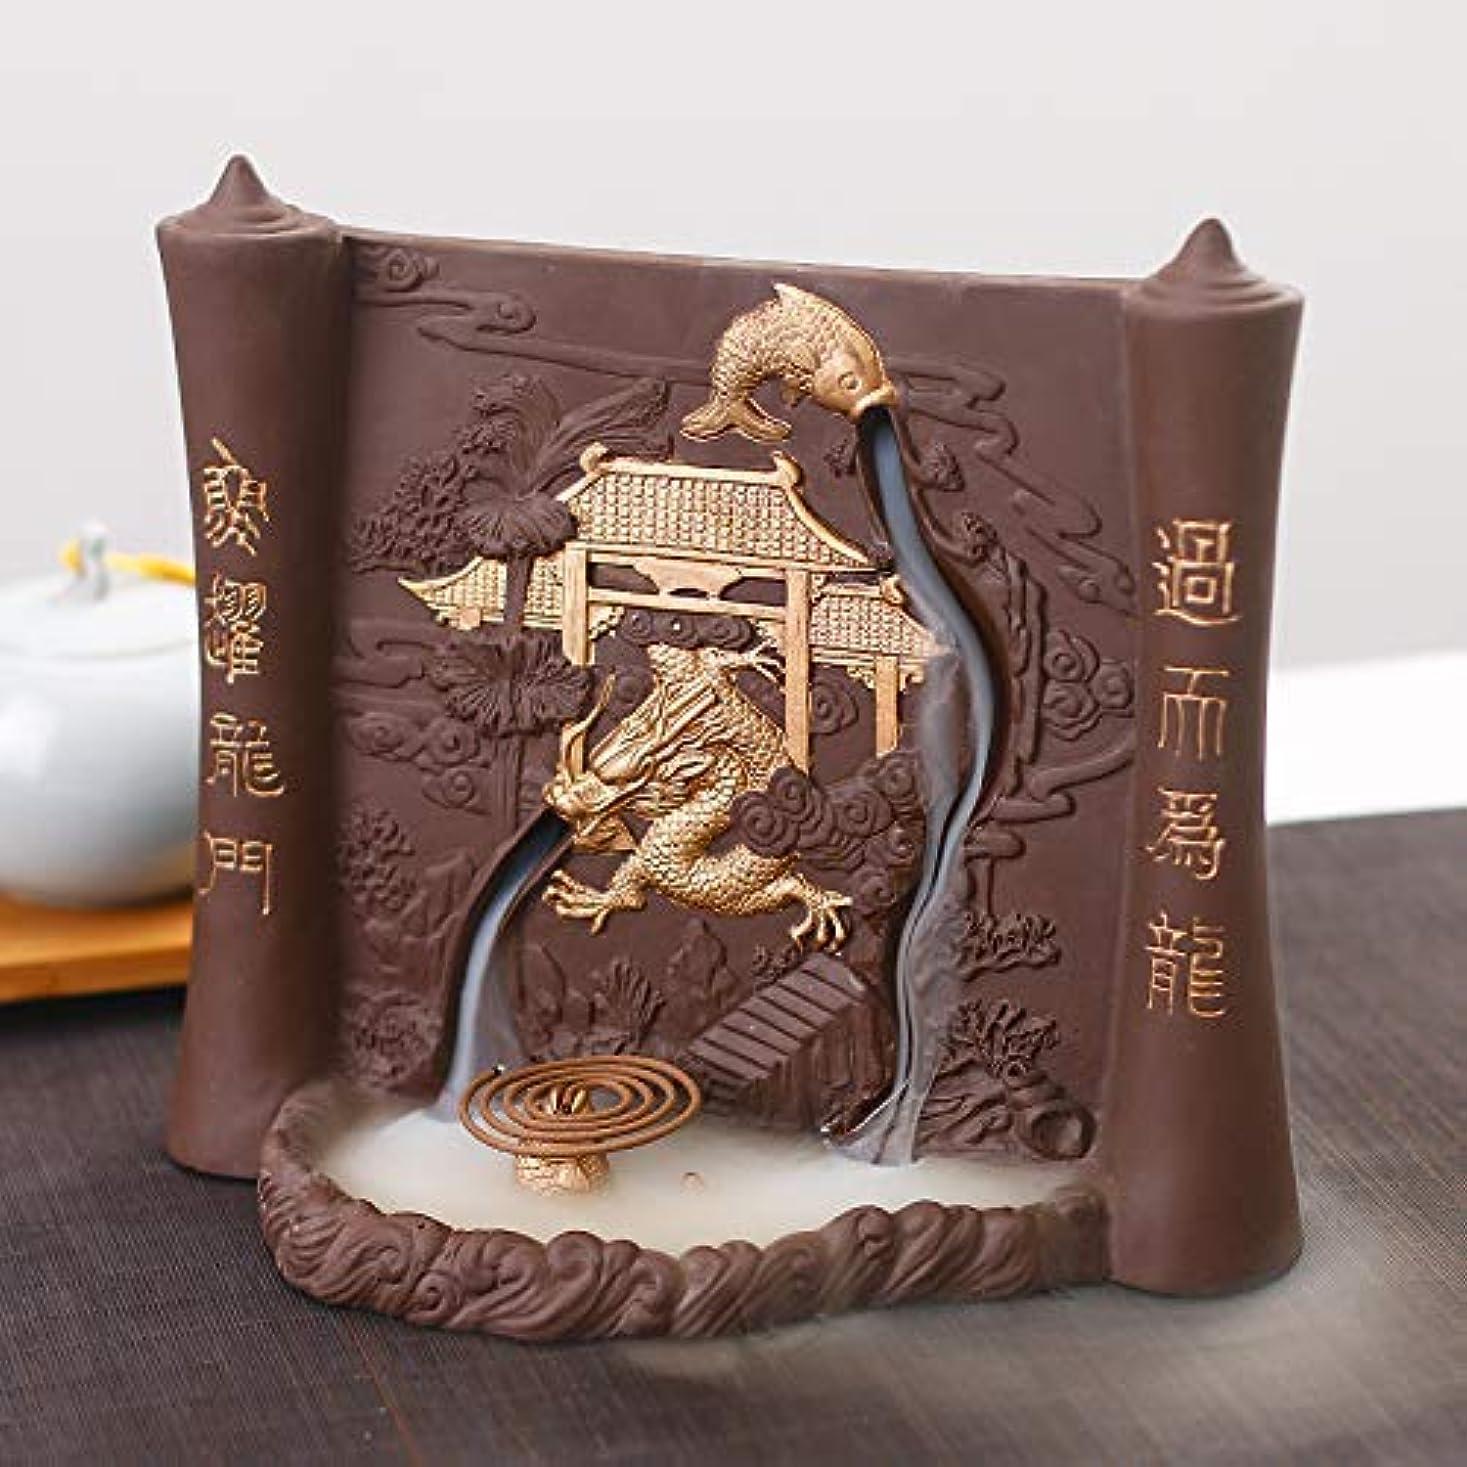 ダルセットウサギ一杯PHILOGOD 香炉 陶器漢字彫刻レリーフ手作り逆流香炉 線香立て デュアルユース お香 ホルダー